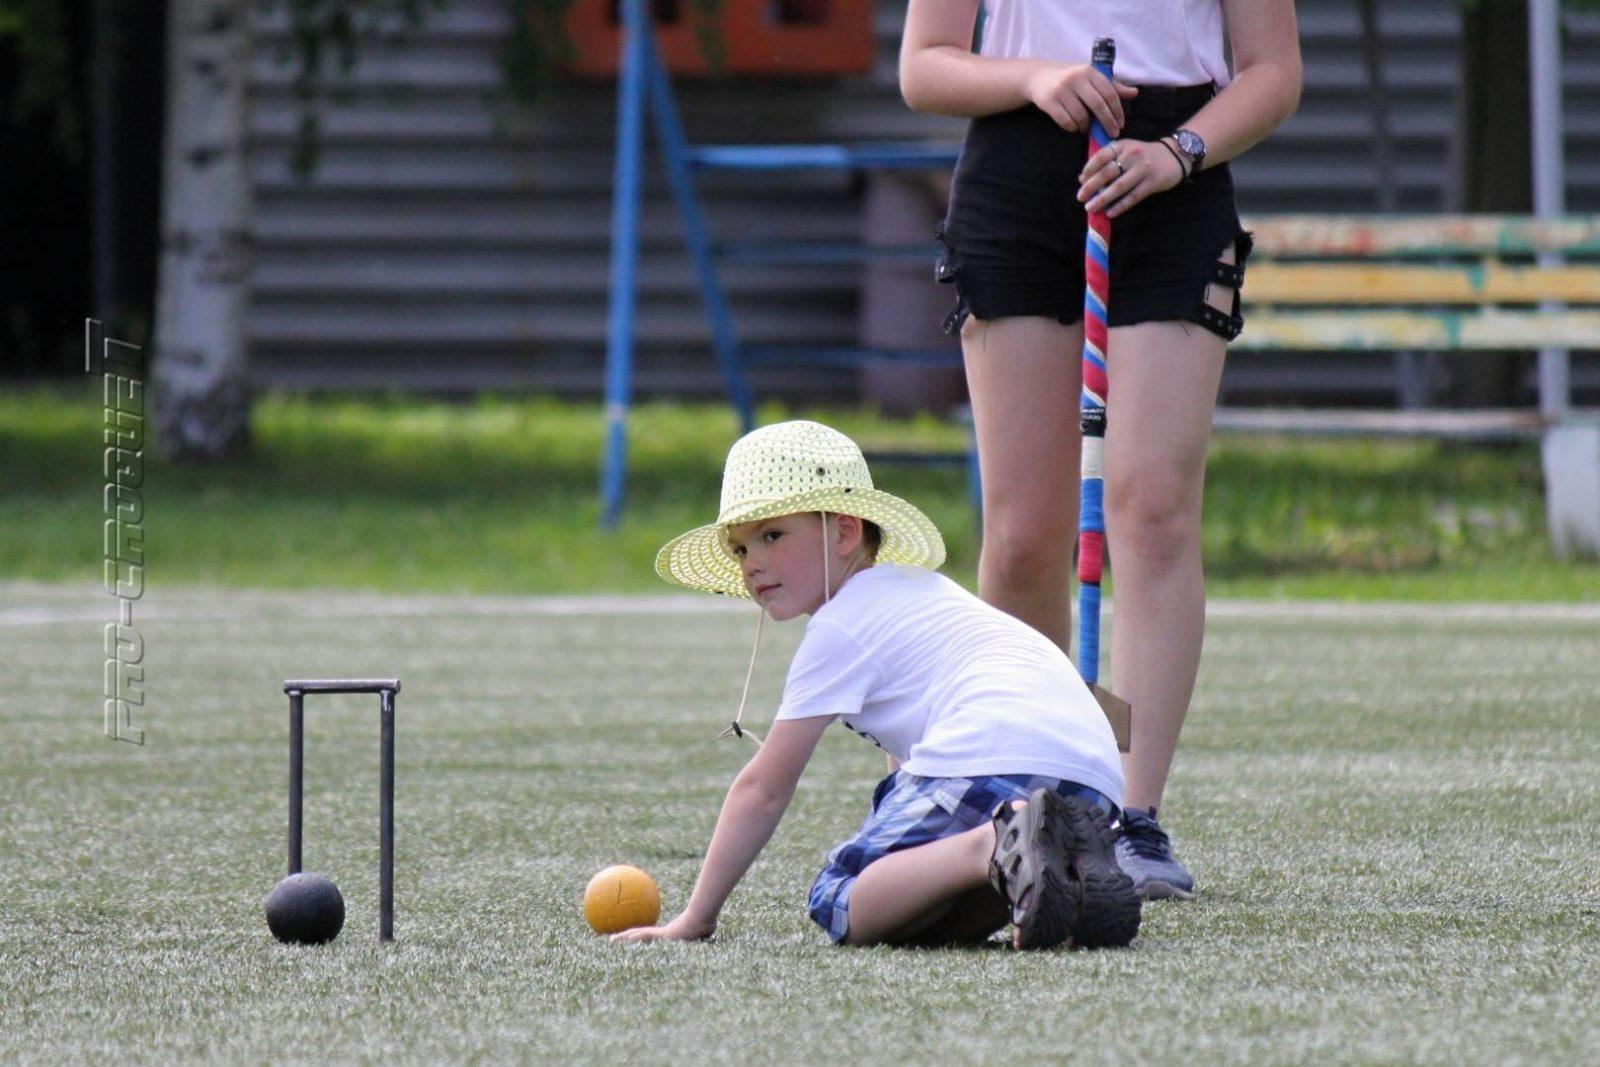 Тренировка по гольф-крокету в Кронштадте